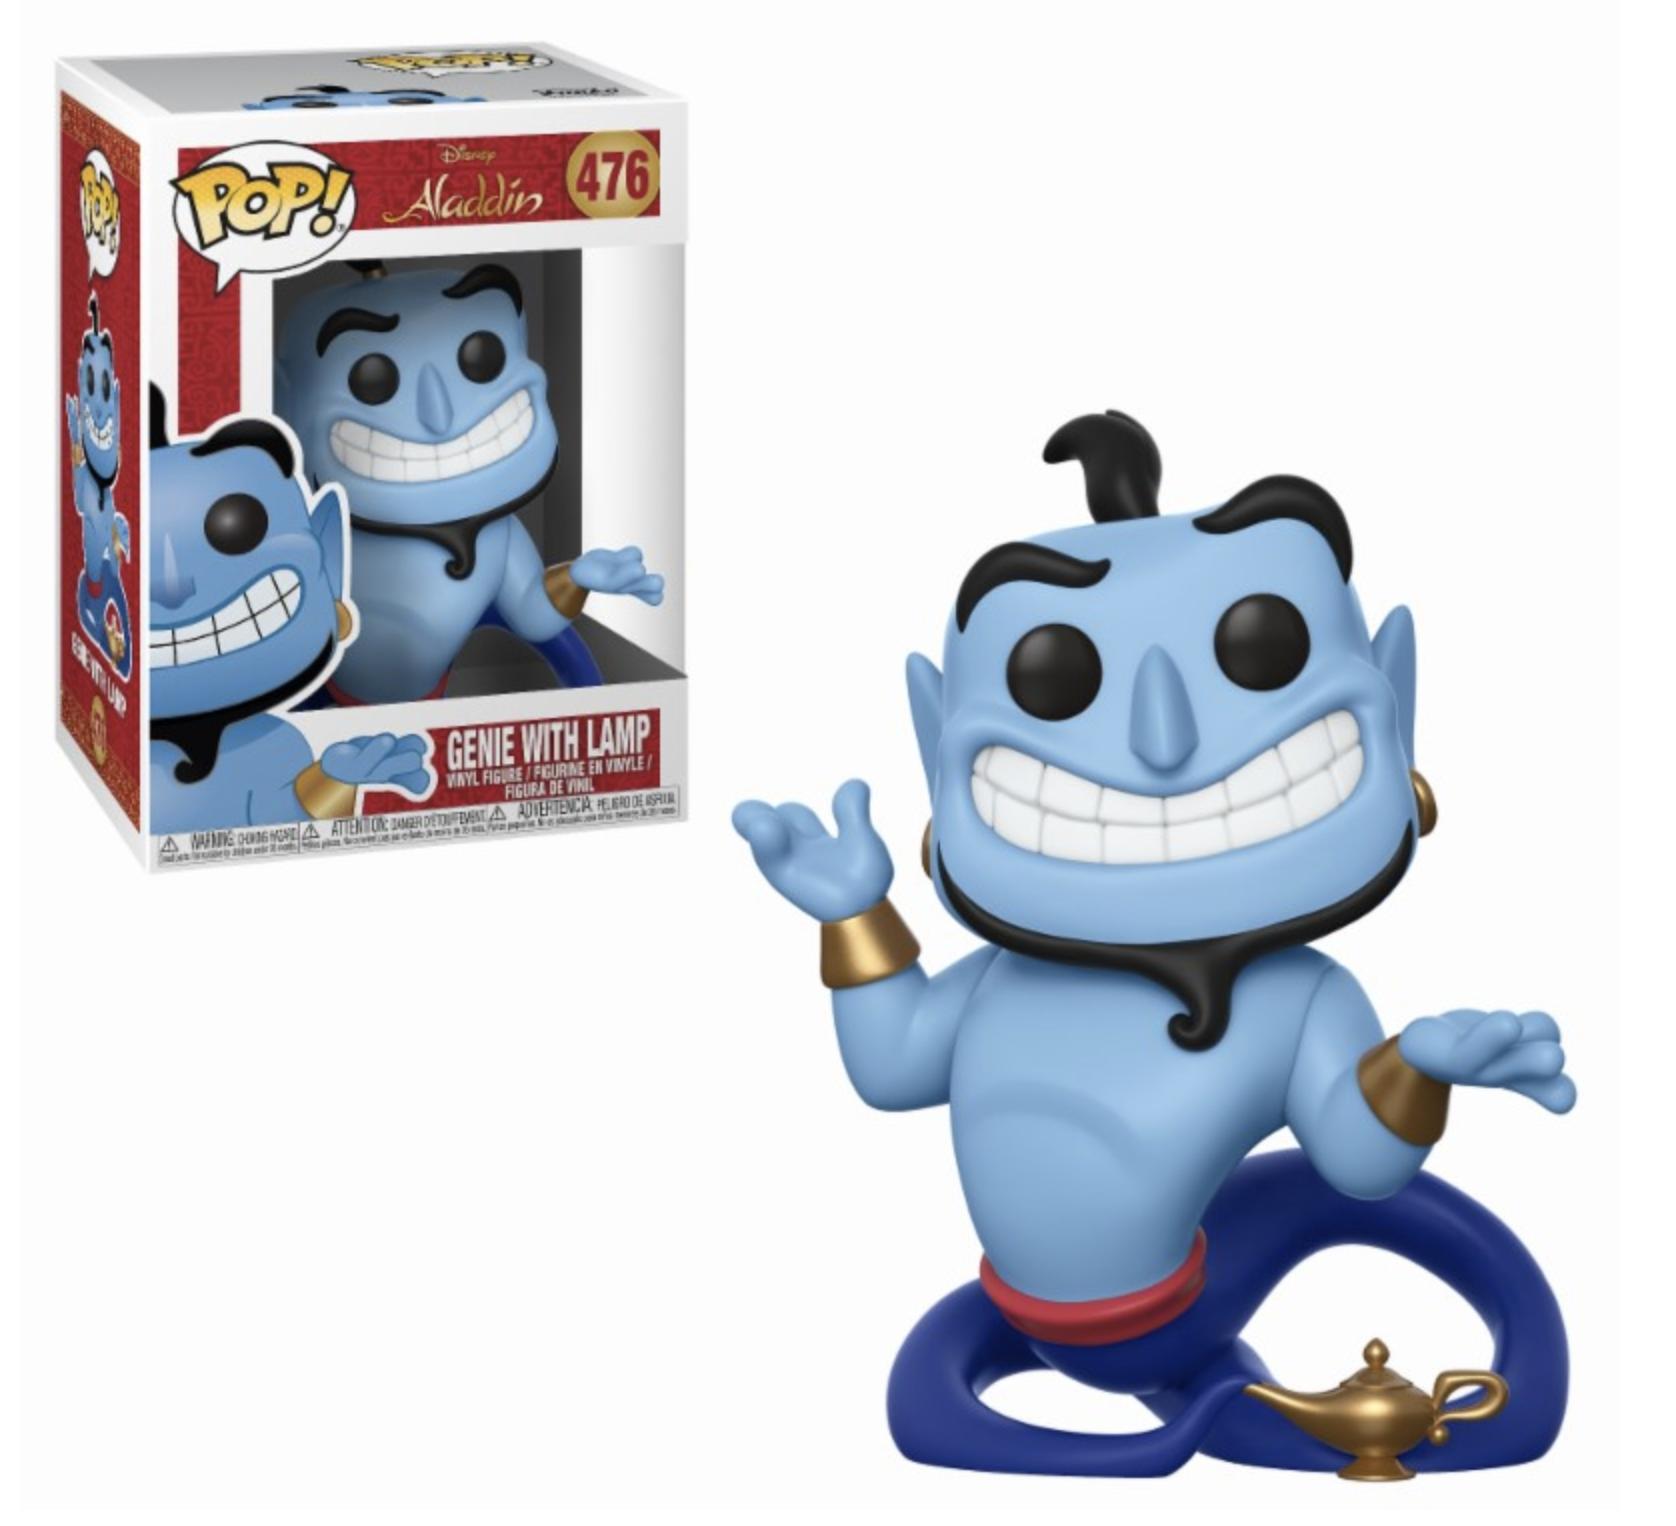 POP! Disney Aladdin: Genie with Lamp